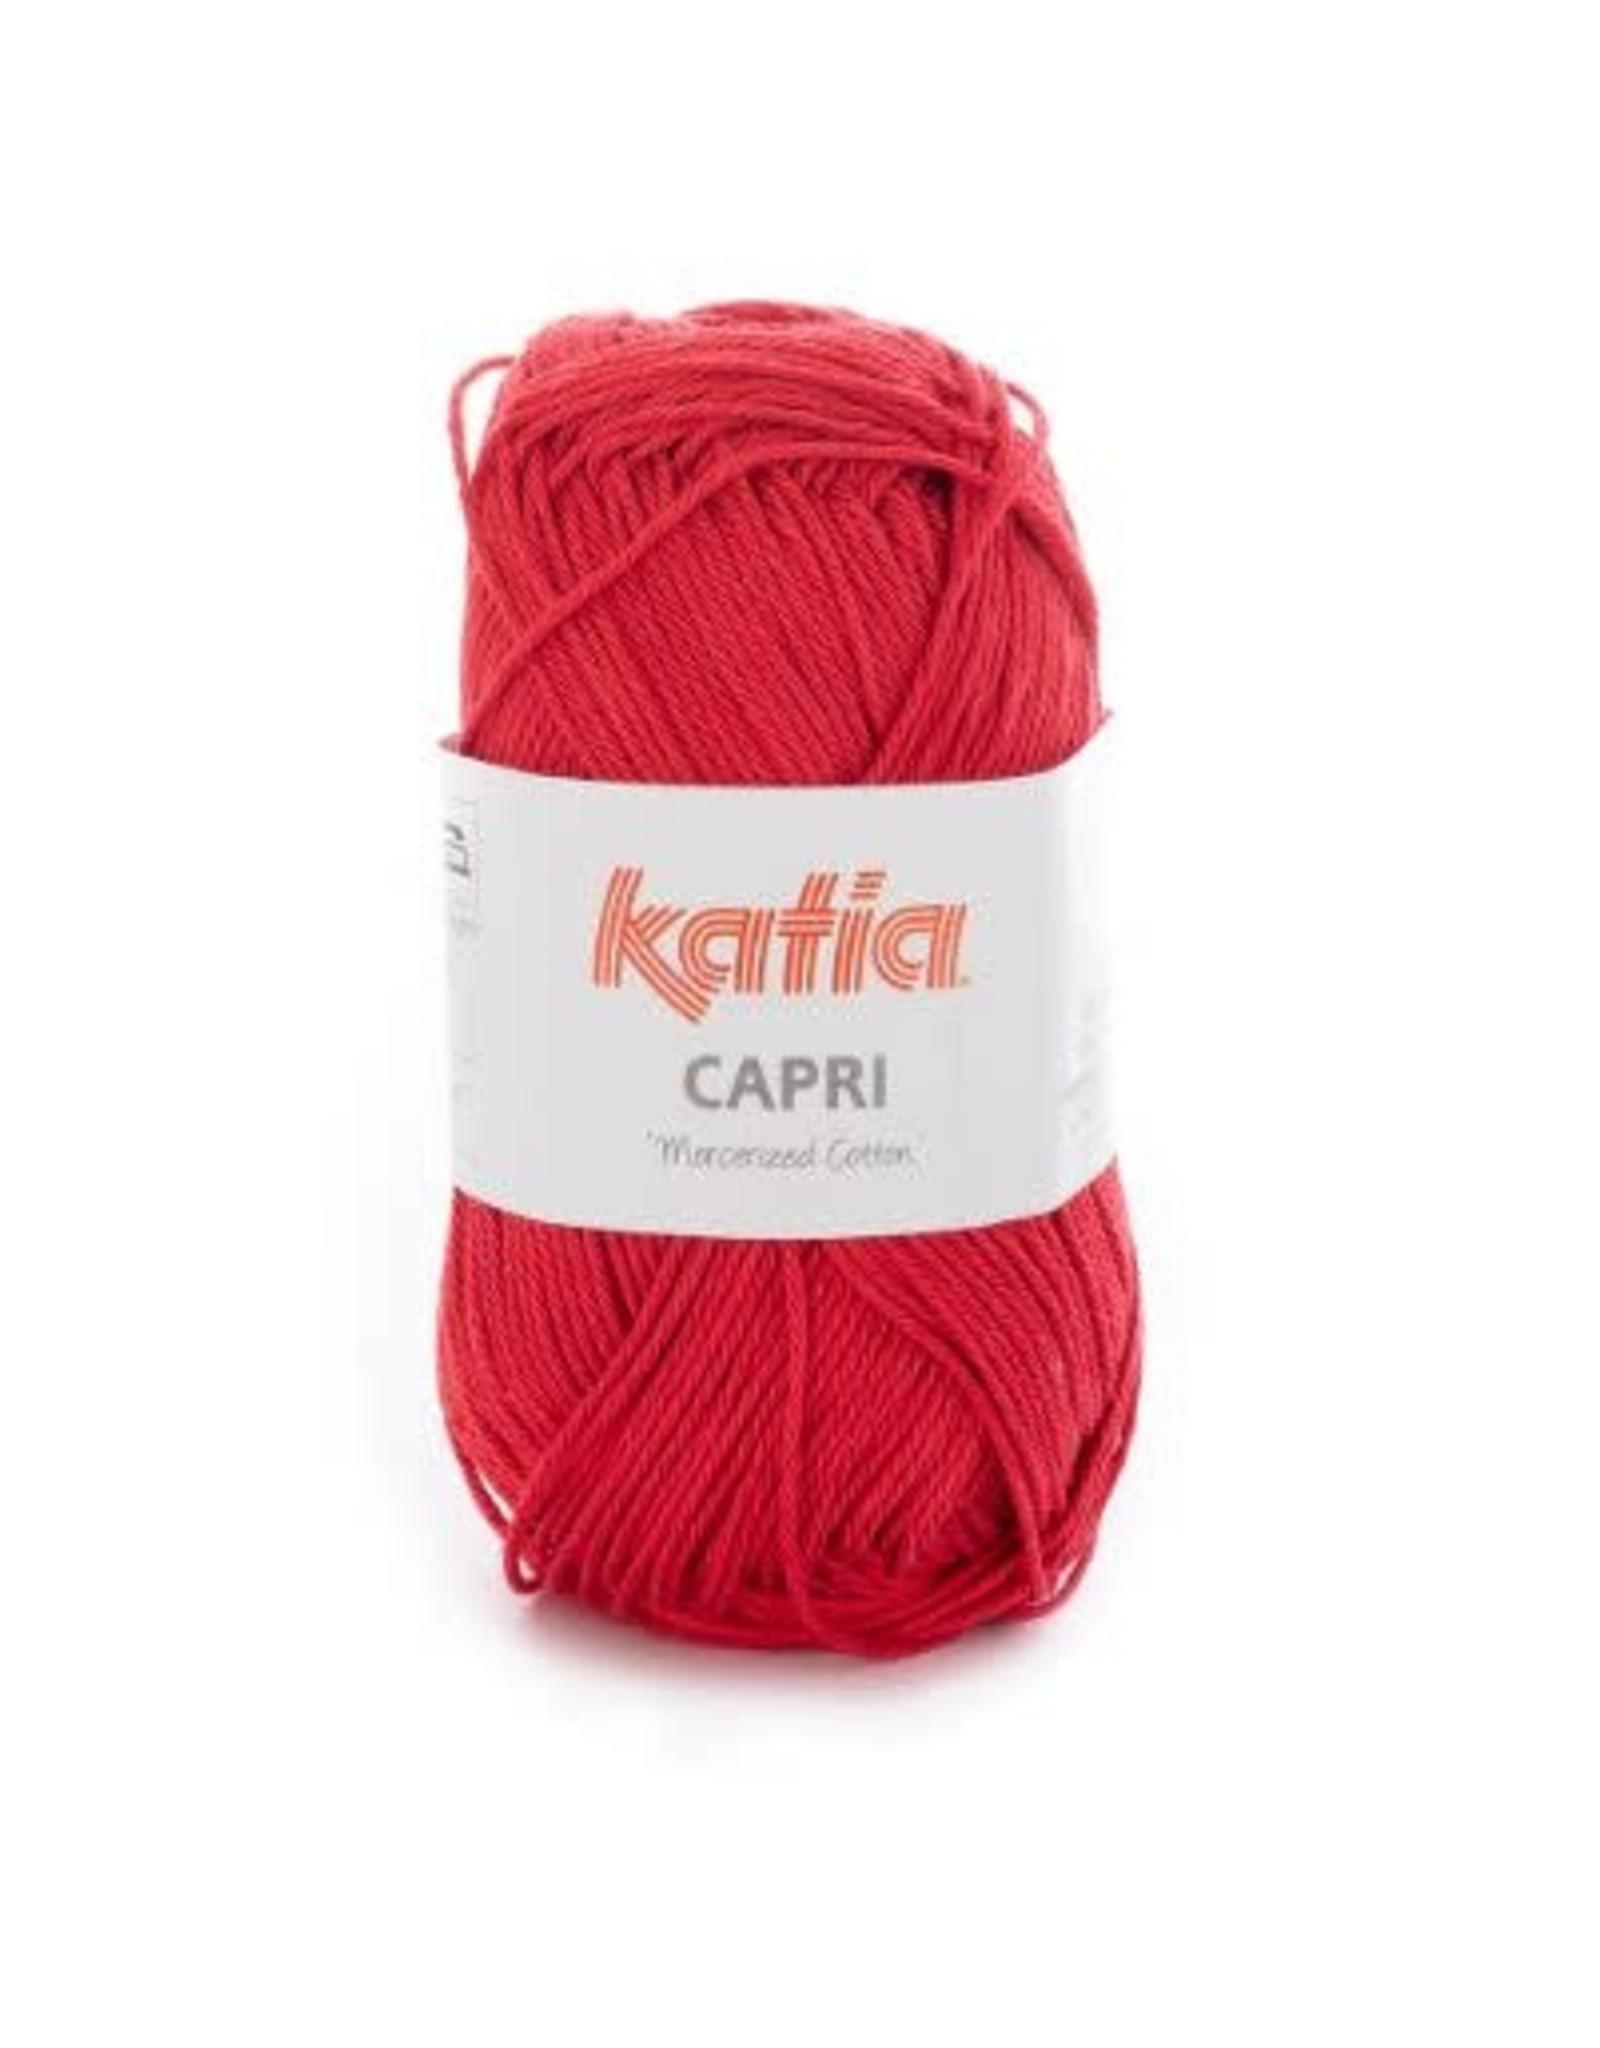 Katia Garen Capri katoen 82059 rood